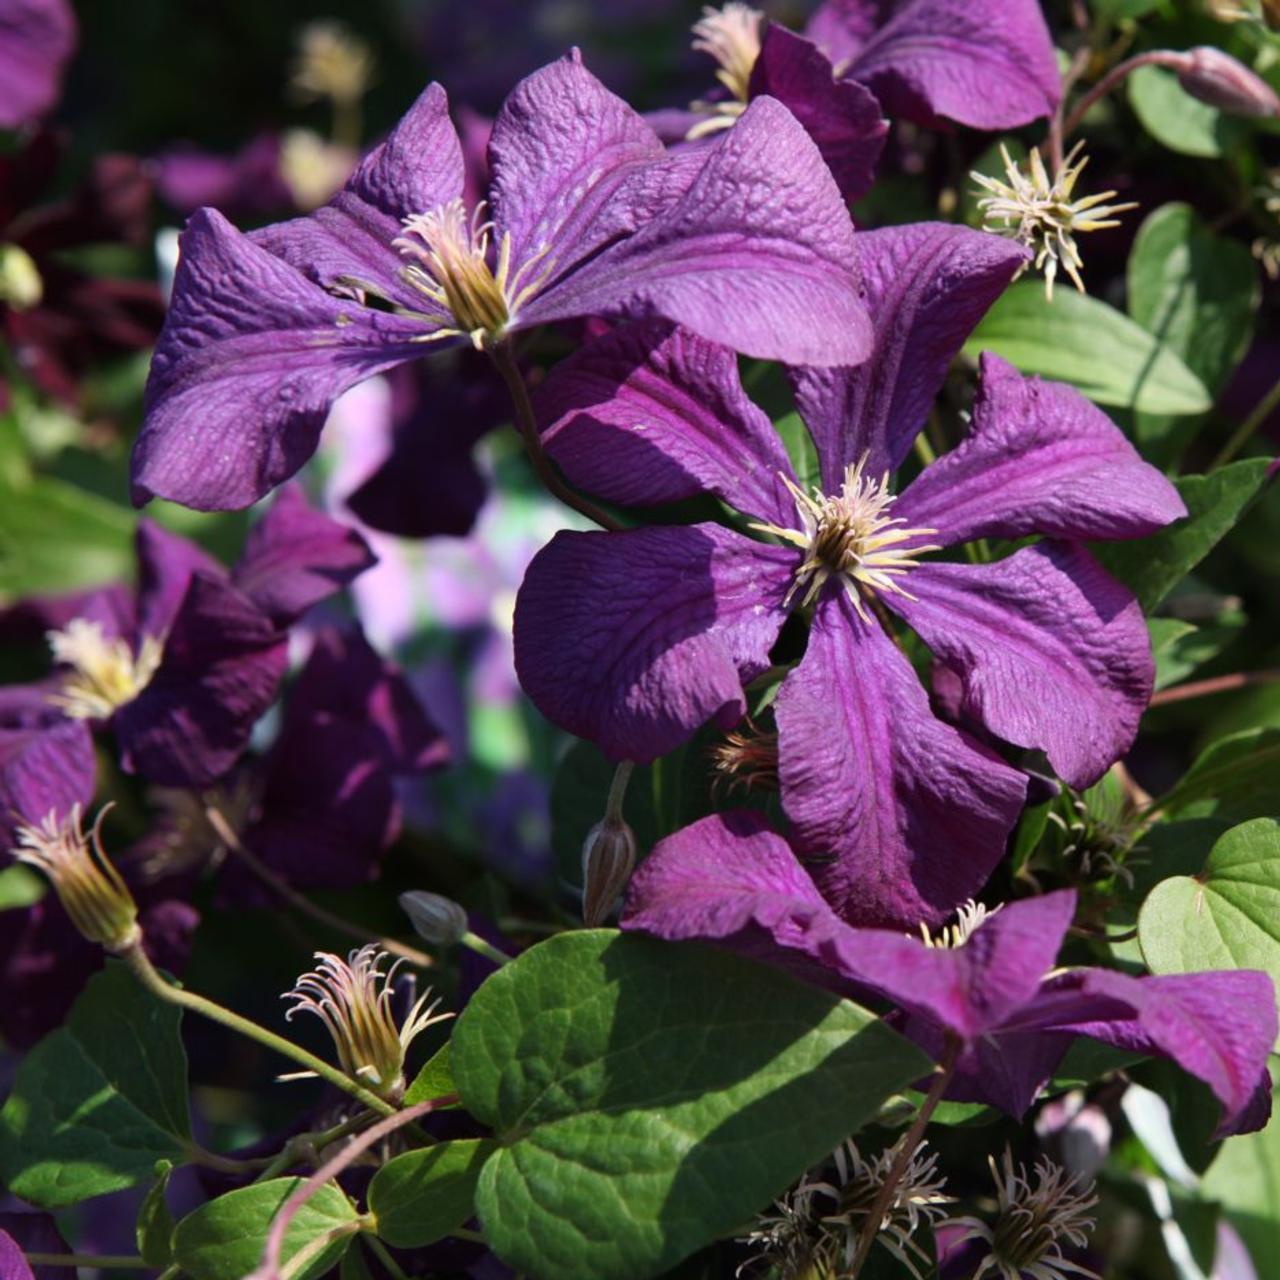 Clematis viticela 'Etoile Violette' plant